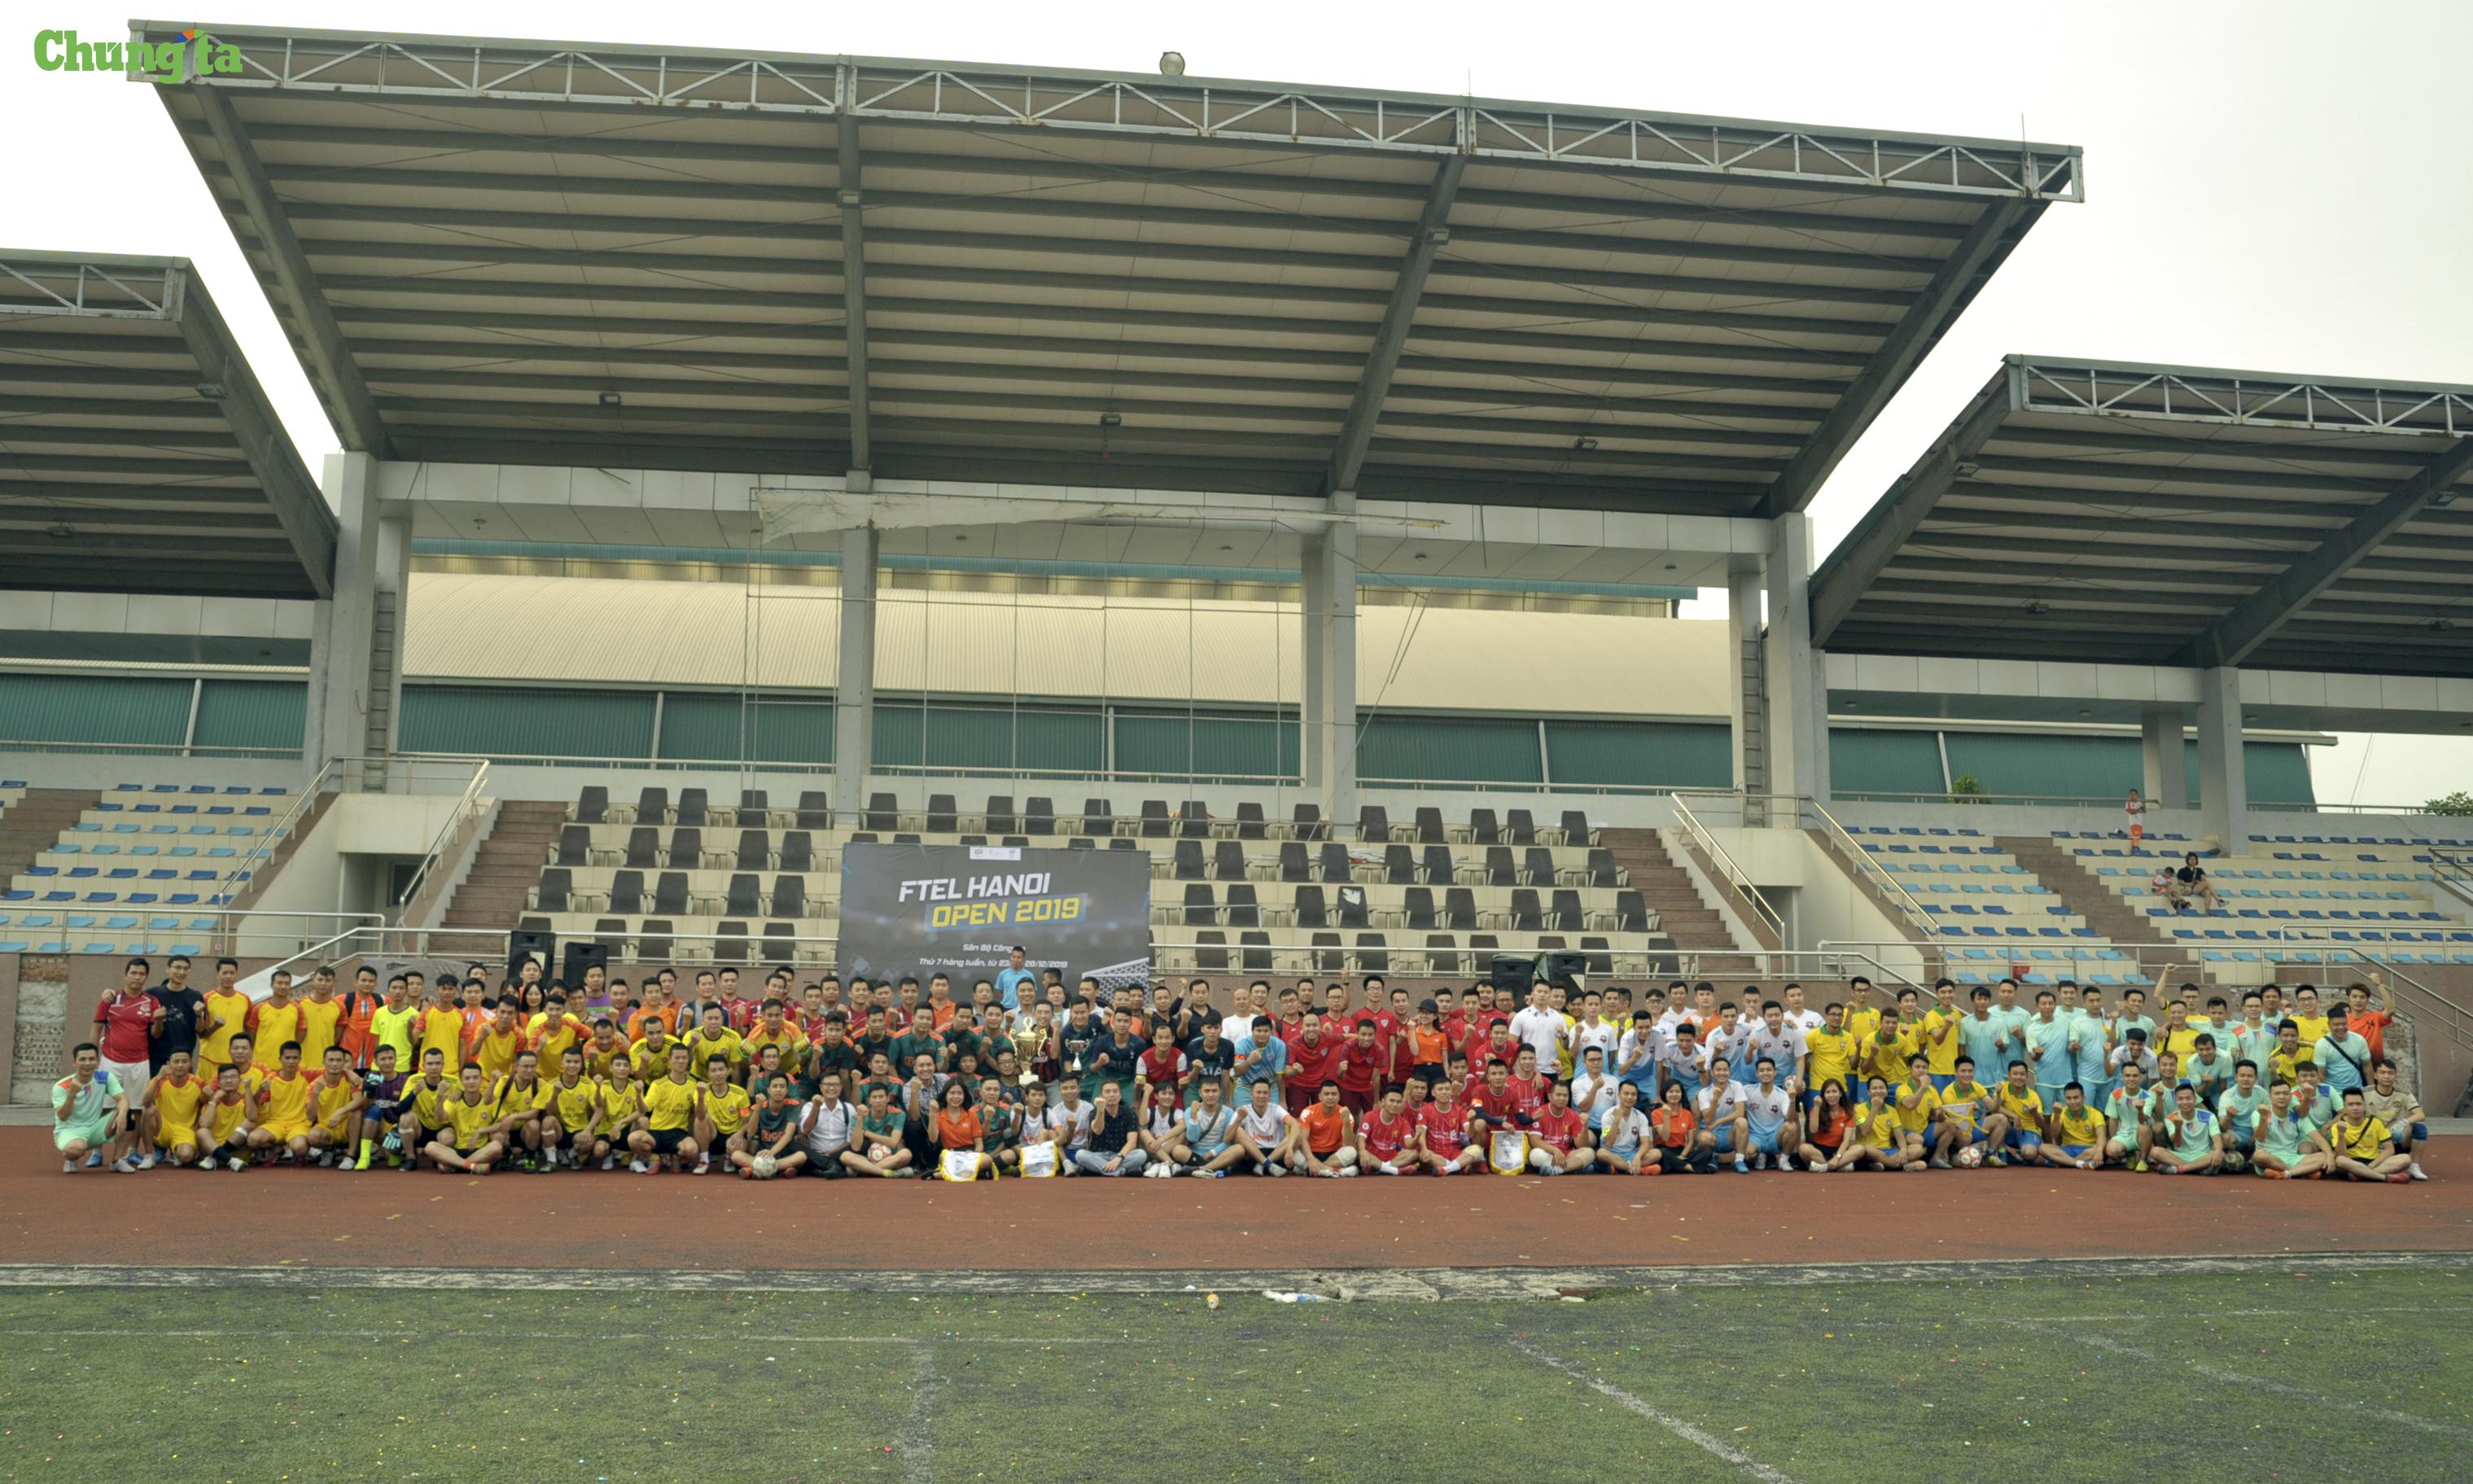 Gần 200 cầu thủ cùng ban huấn luyện của 16 đội chụp ảnh lưu niệm cùngTGĐ FPT Telecom và BTC giải đấu. Cùng với đó là lượng khán giả cổ vũ đông đảo của mỗi đội đã tạo nên con số ấn tượng về số người tham gia và đồng hành giải đấu năm nay.